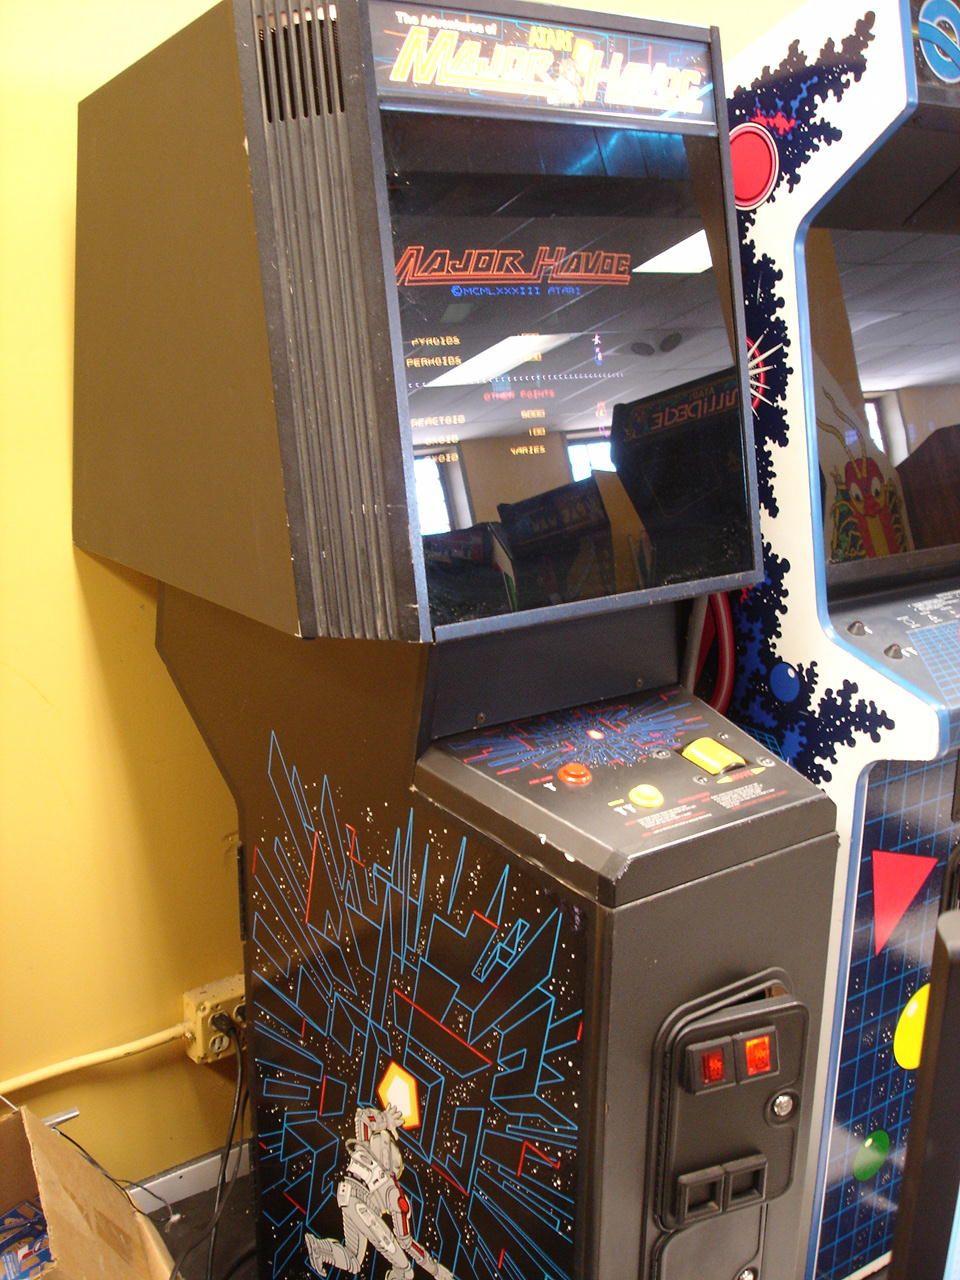 Major Havoc Arcade Game (1983) arcade retrogaming